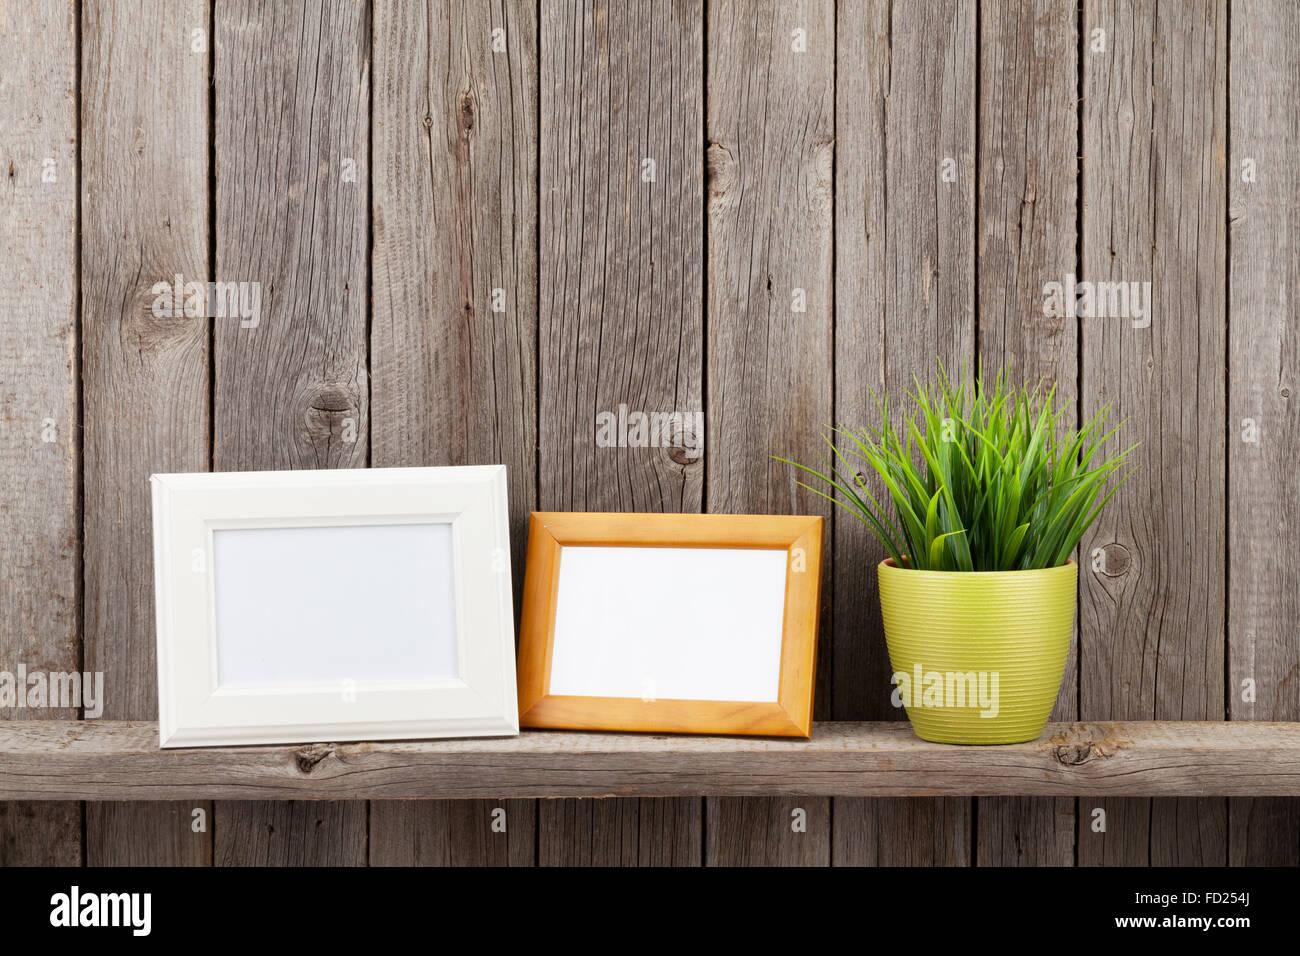 Leere Bilderrahmen und Pflanzen auf Regal vor Holzwand Stockfoto ...